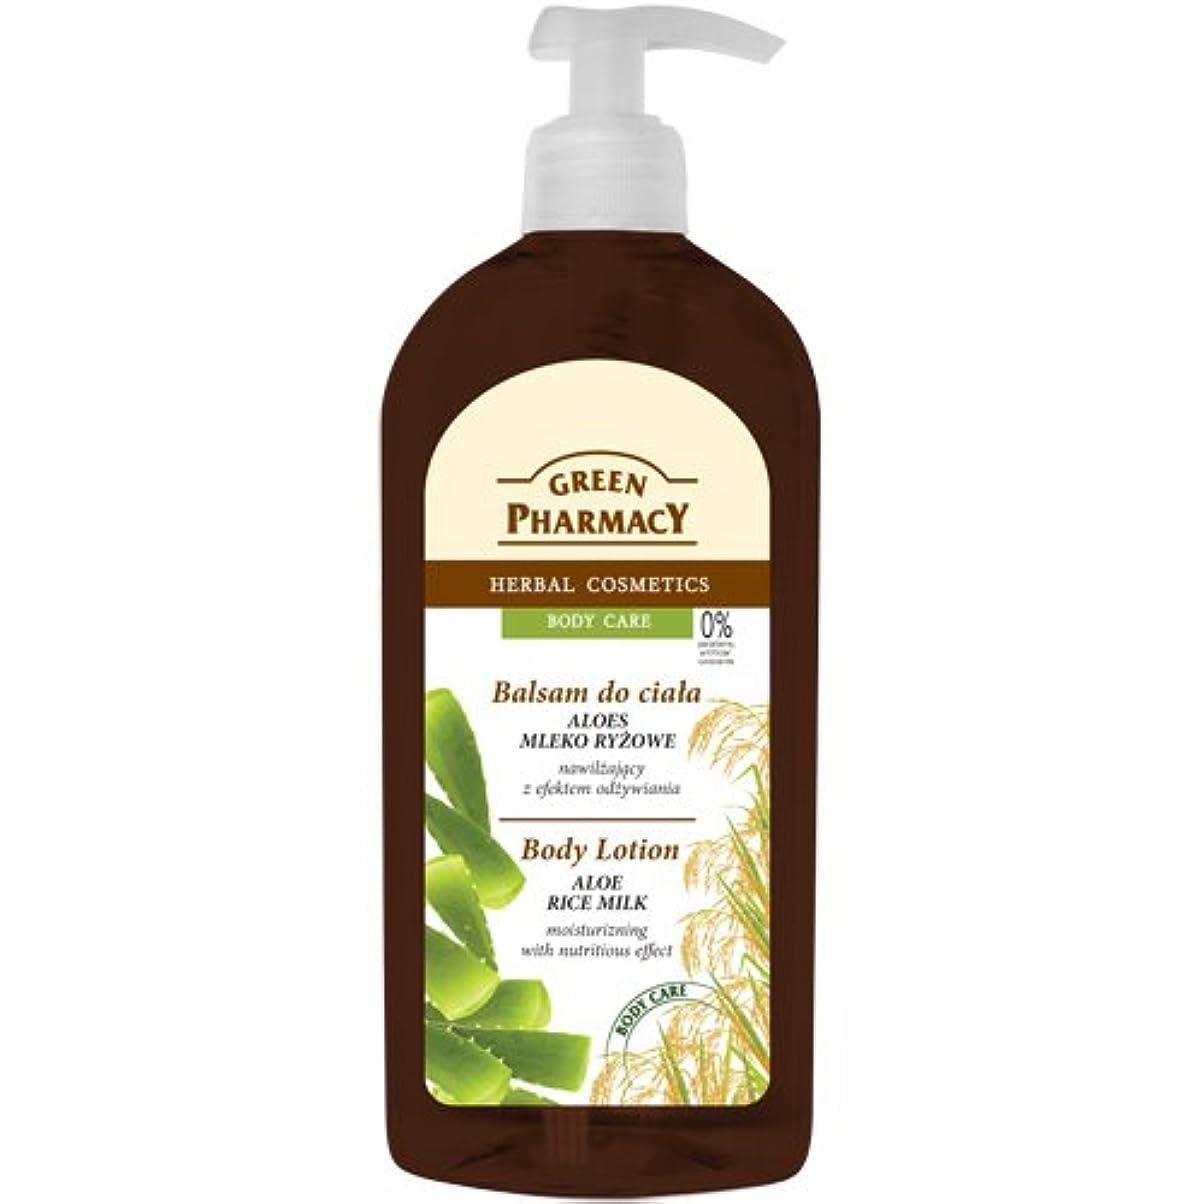 アドバイスキャンドル控えめなElfa Pharm Green Pharmacy グリーンファーマシー Body Lotion ボディローション Aloe Ricemilk